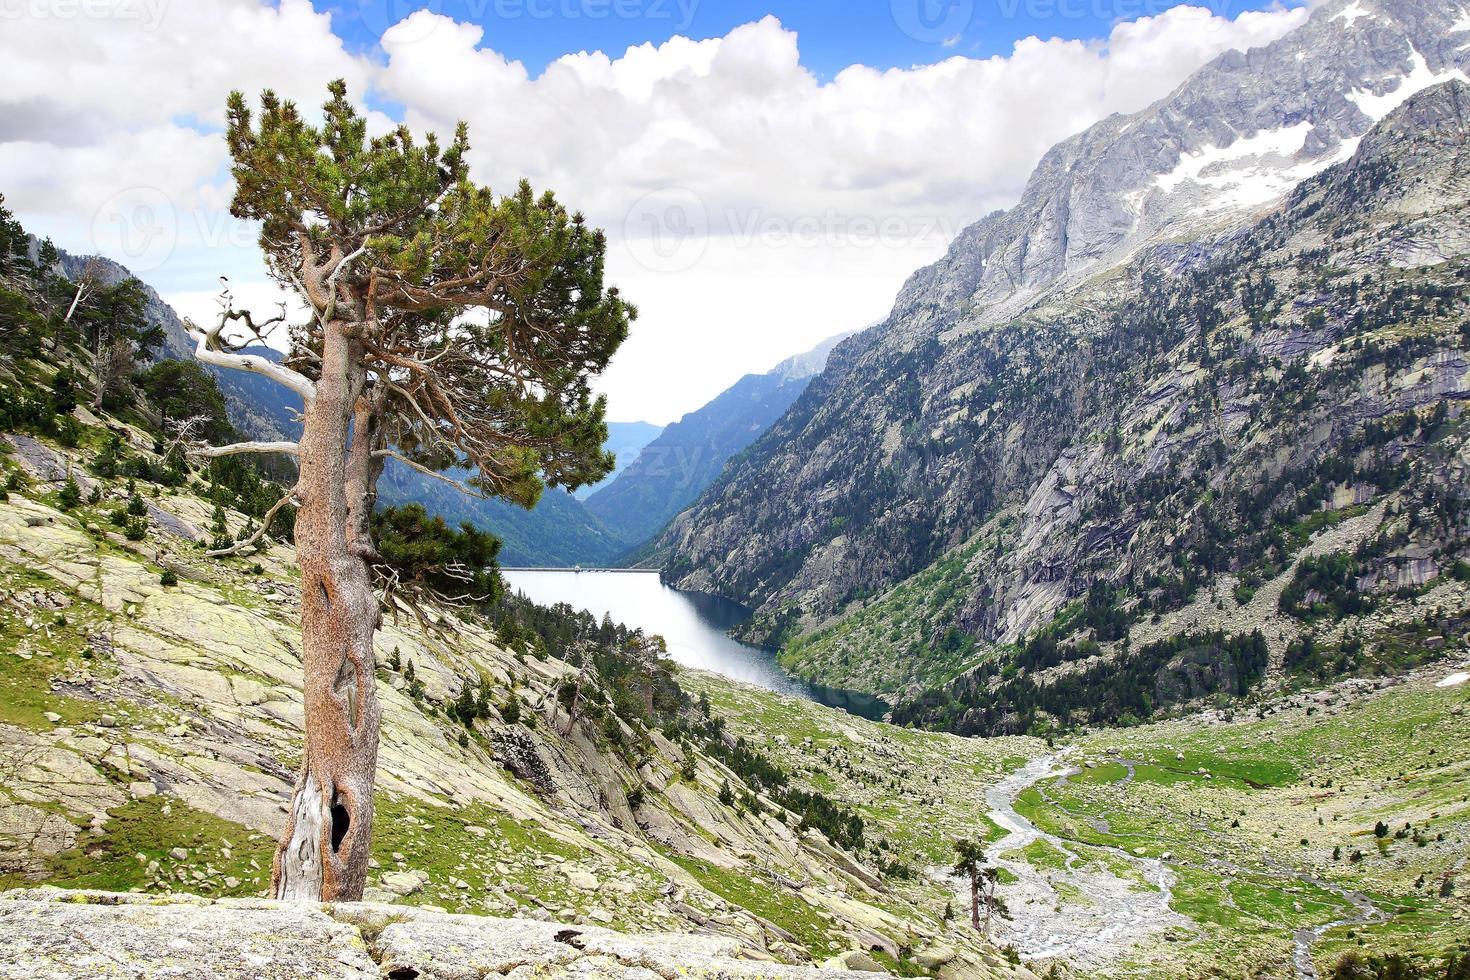 paisagem pitoresca da natureza. foto